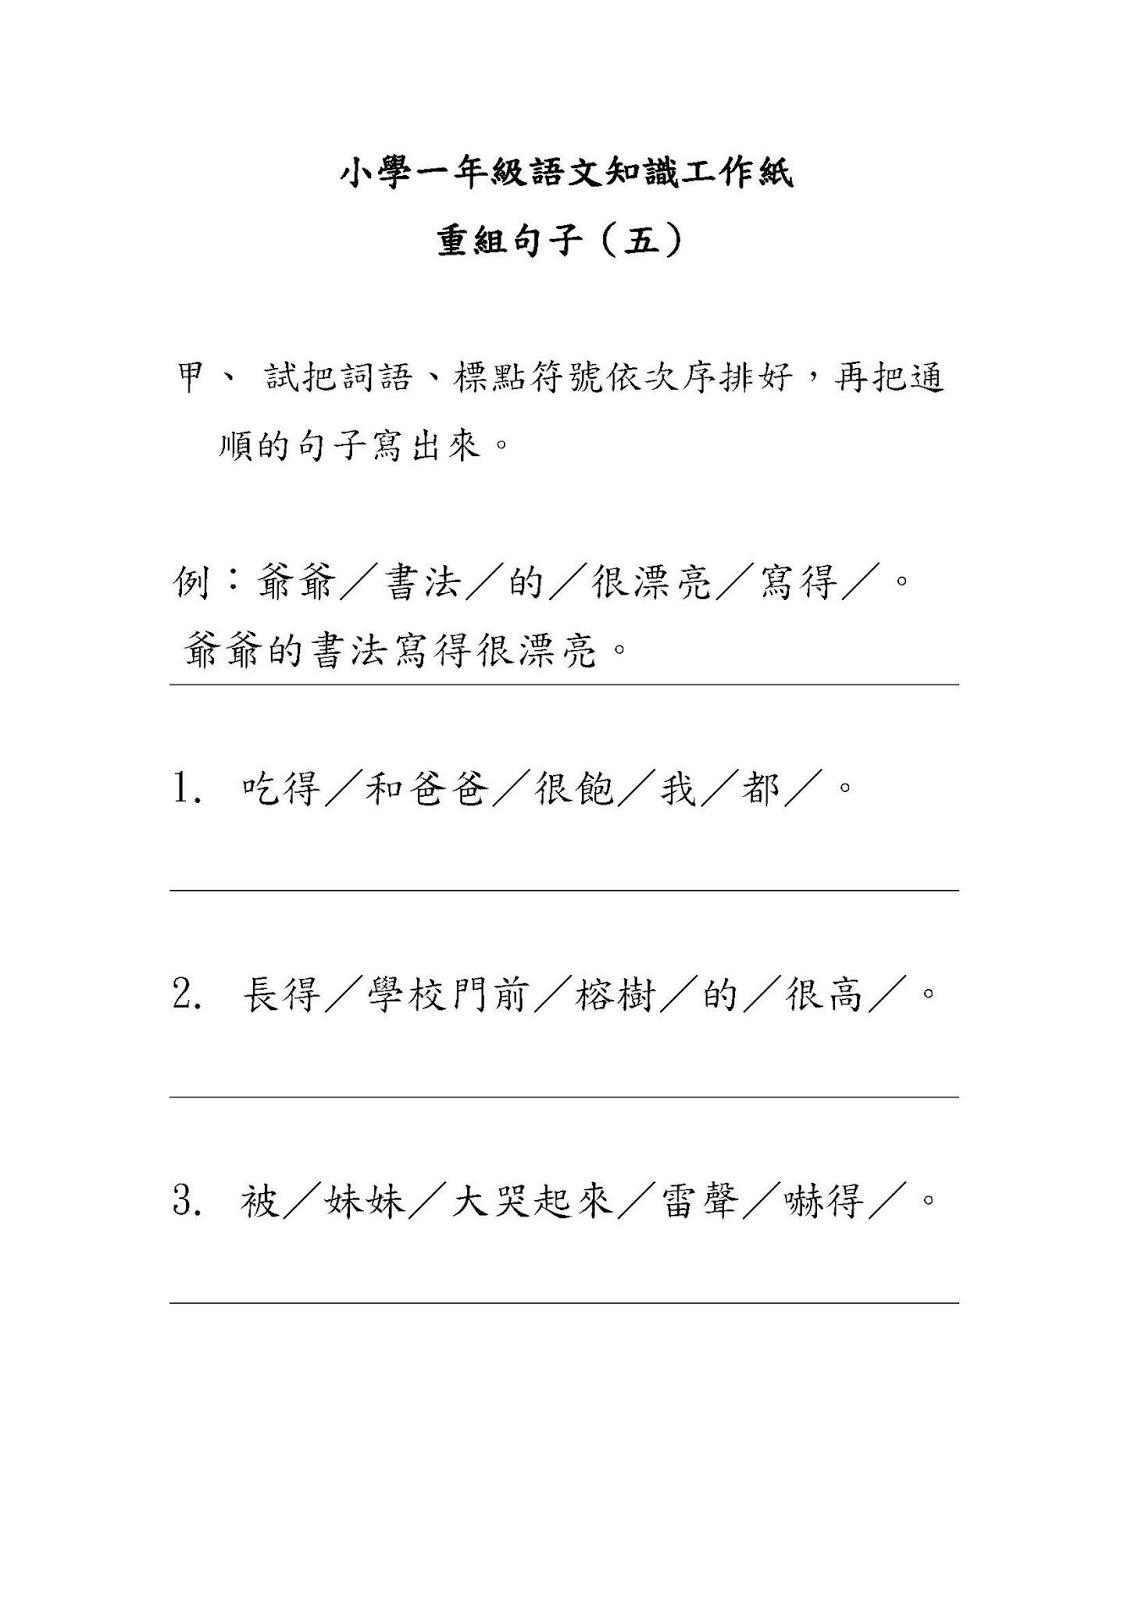 小一語文知識工作紙:重組句子(五)|中文工作紙|尤莉姐姐的反轉學堂